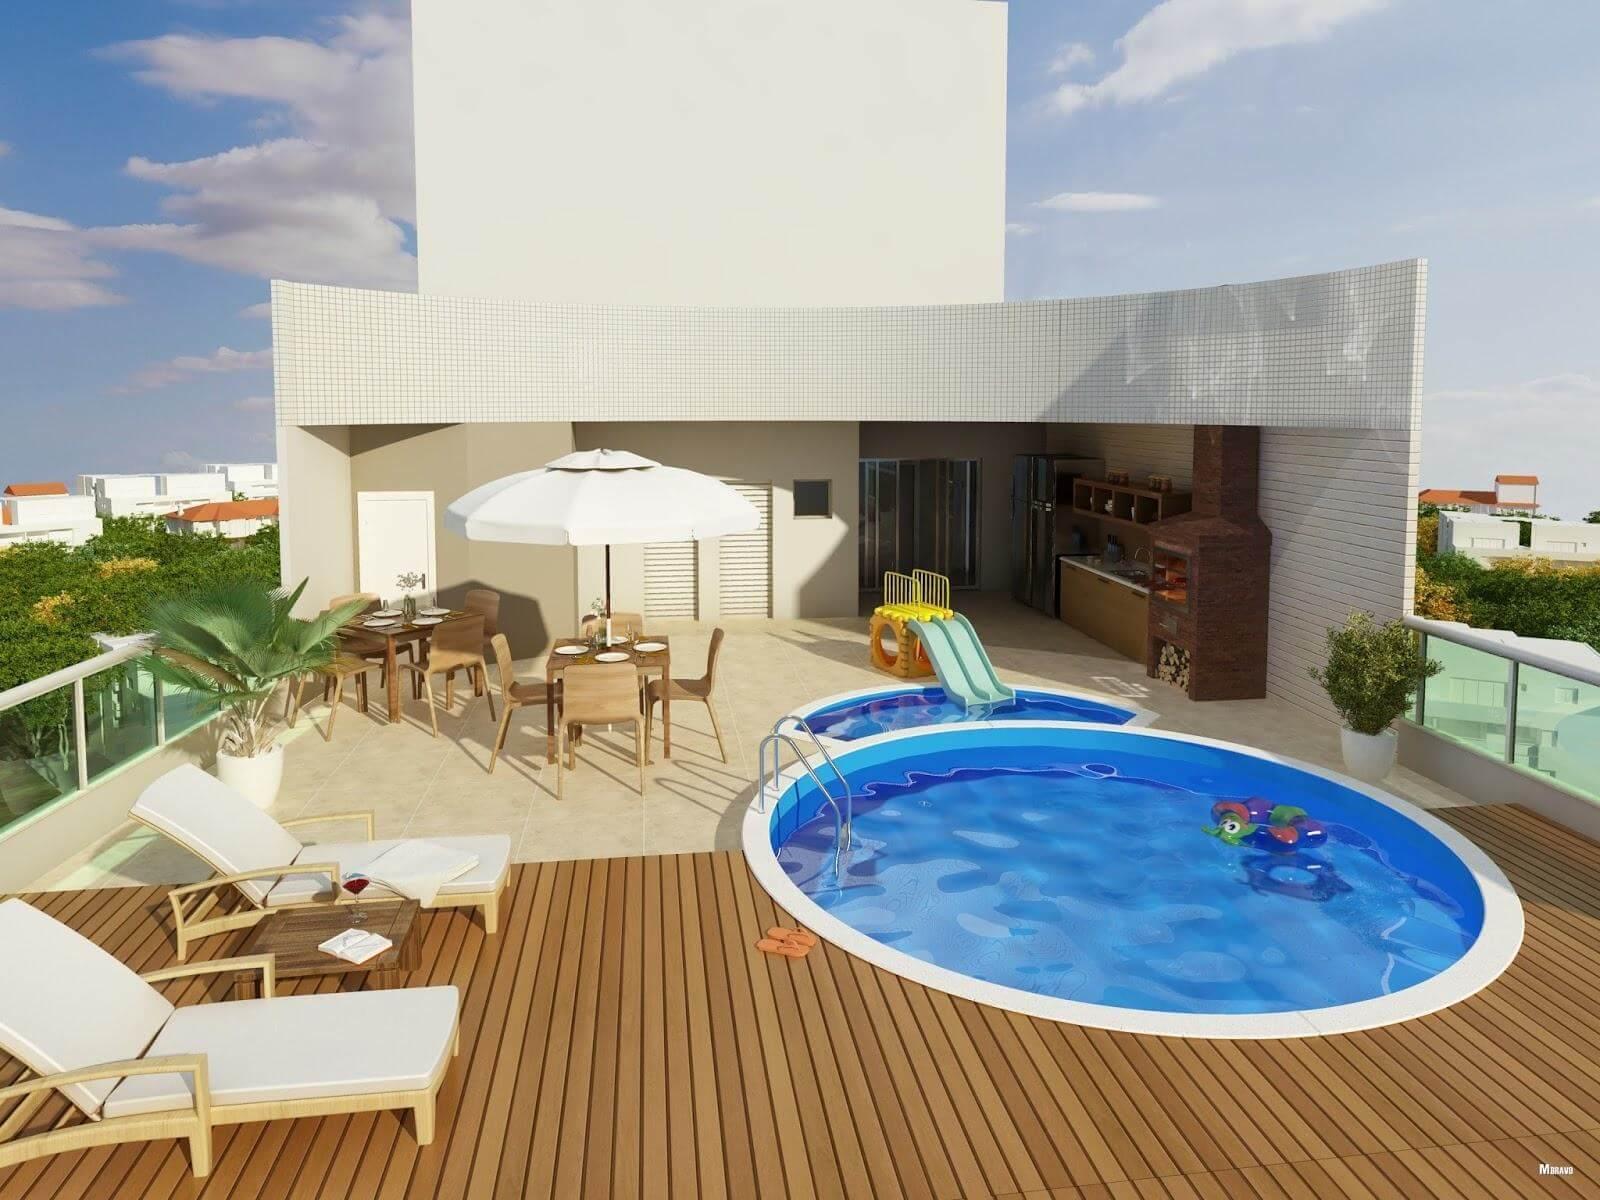 Casa com piscina redonda e deck de madeira. Fonte: Pinterest